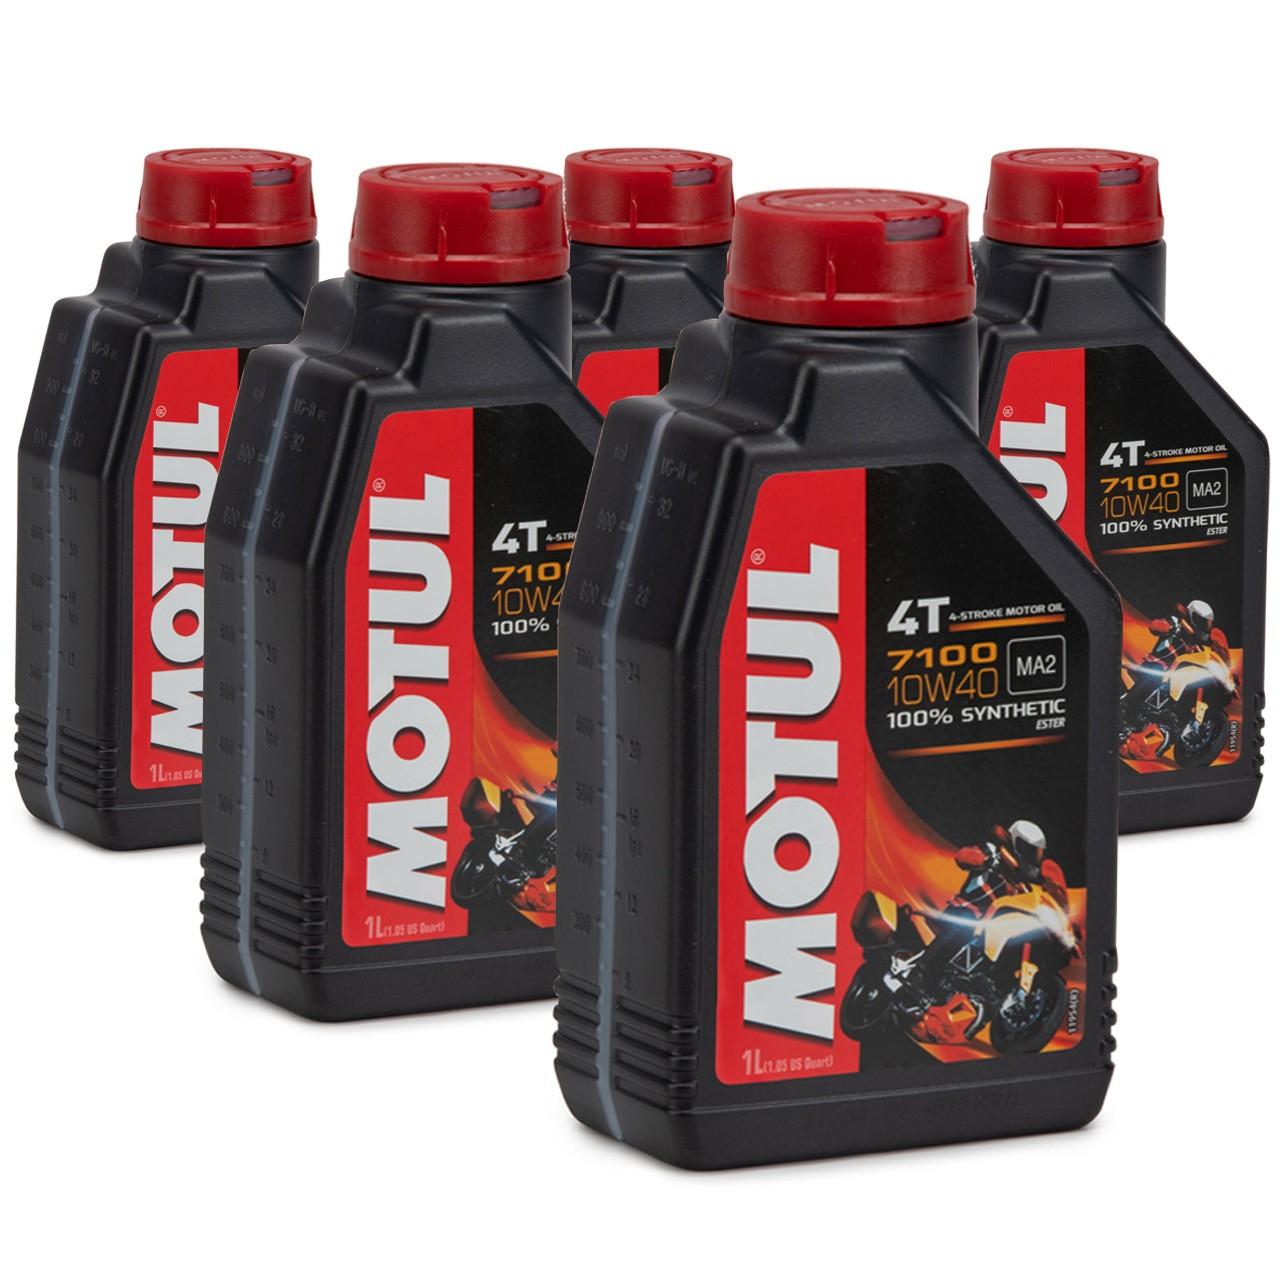 MOTUL 7100 4T 4-TAKT Motoröl ÖL 10W40 Motorrad API SL SM SN MA2 - 5L 5 Liter